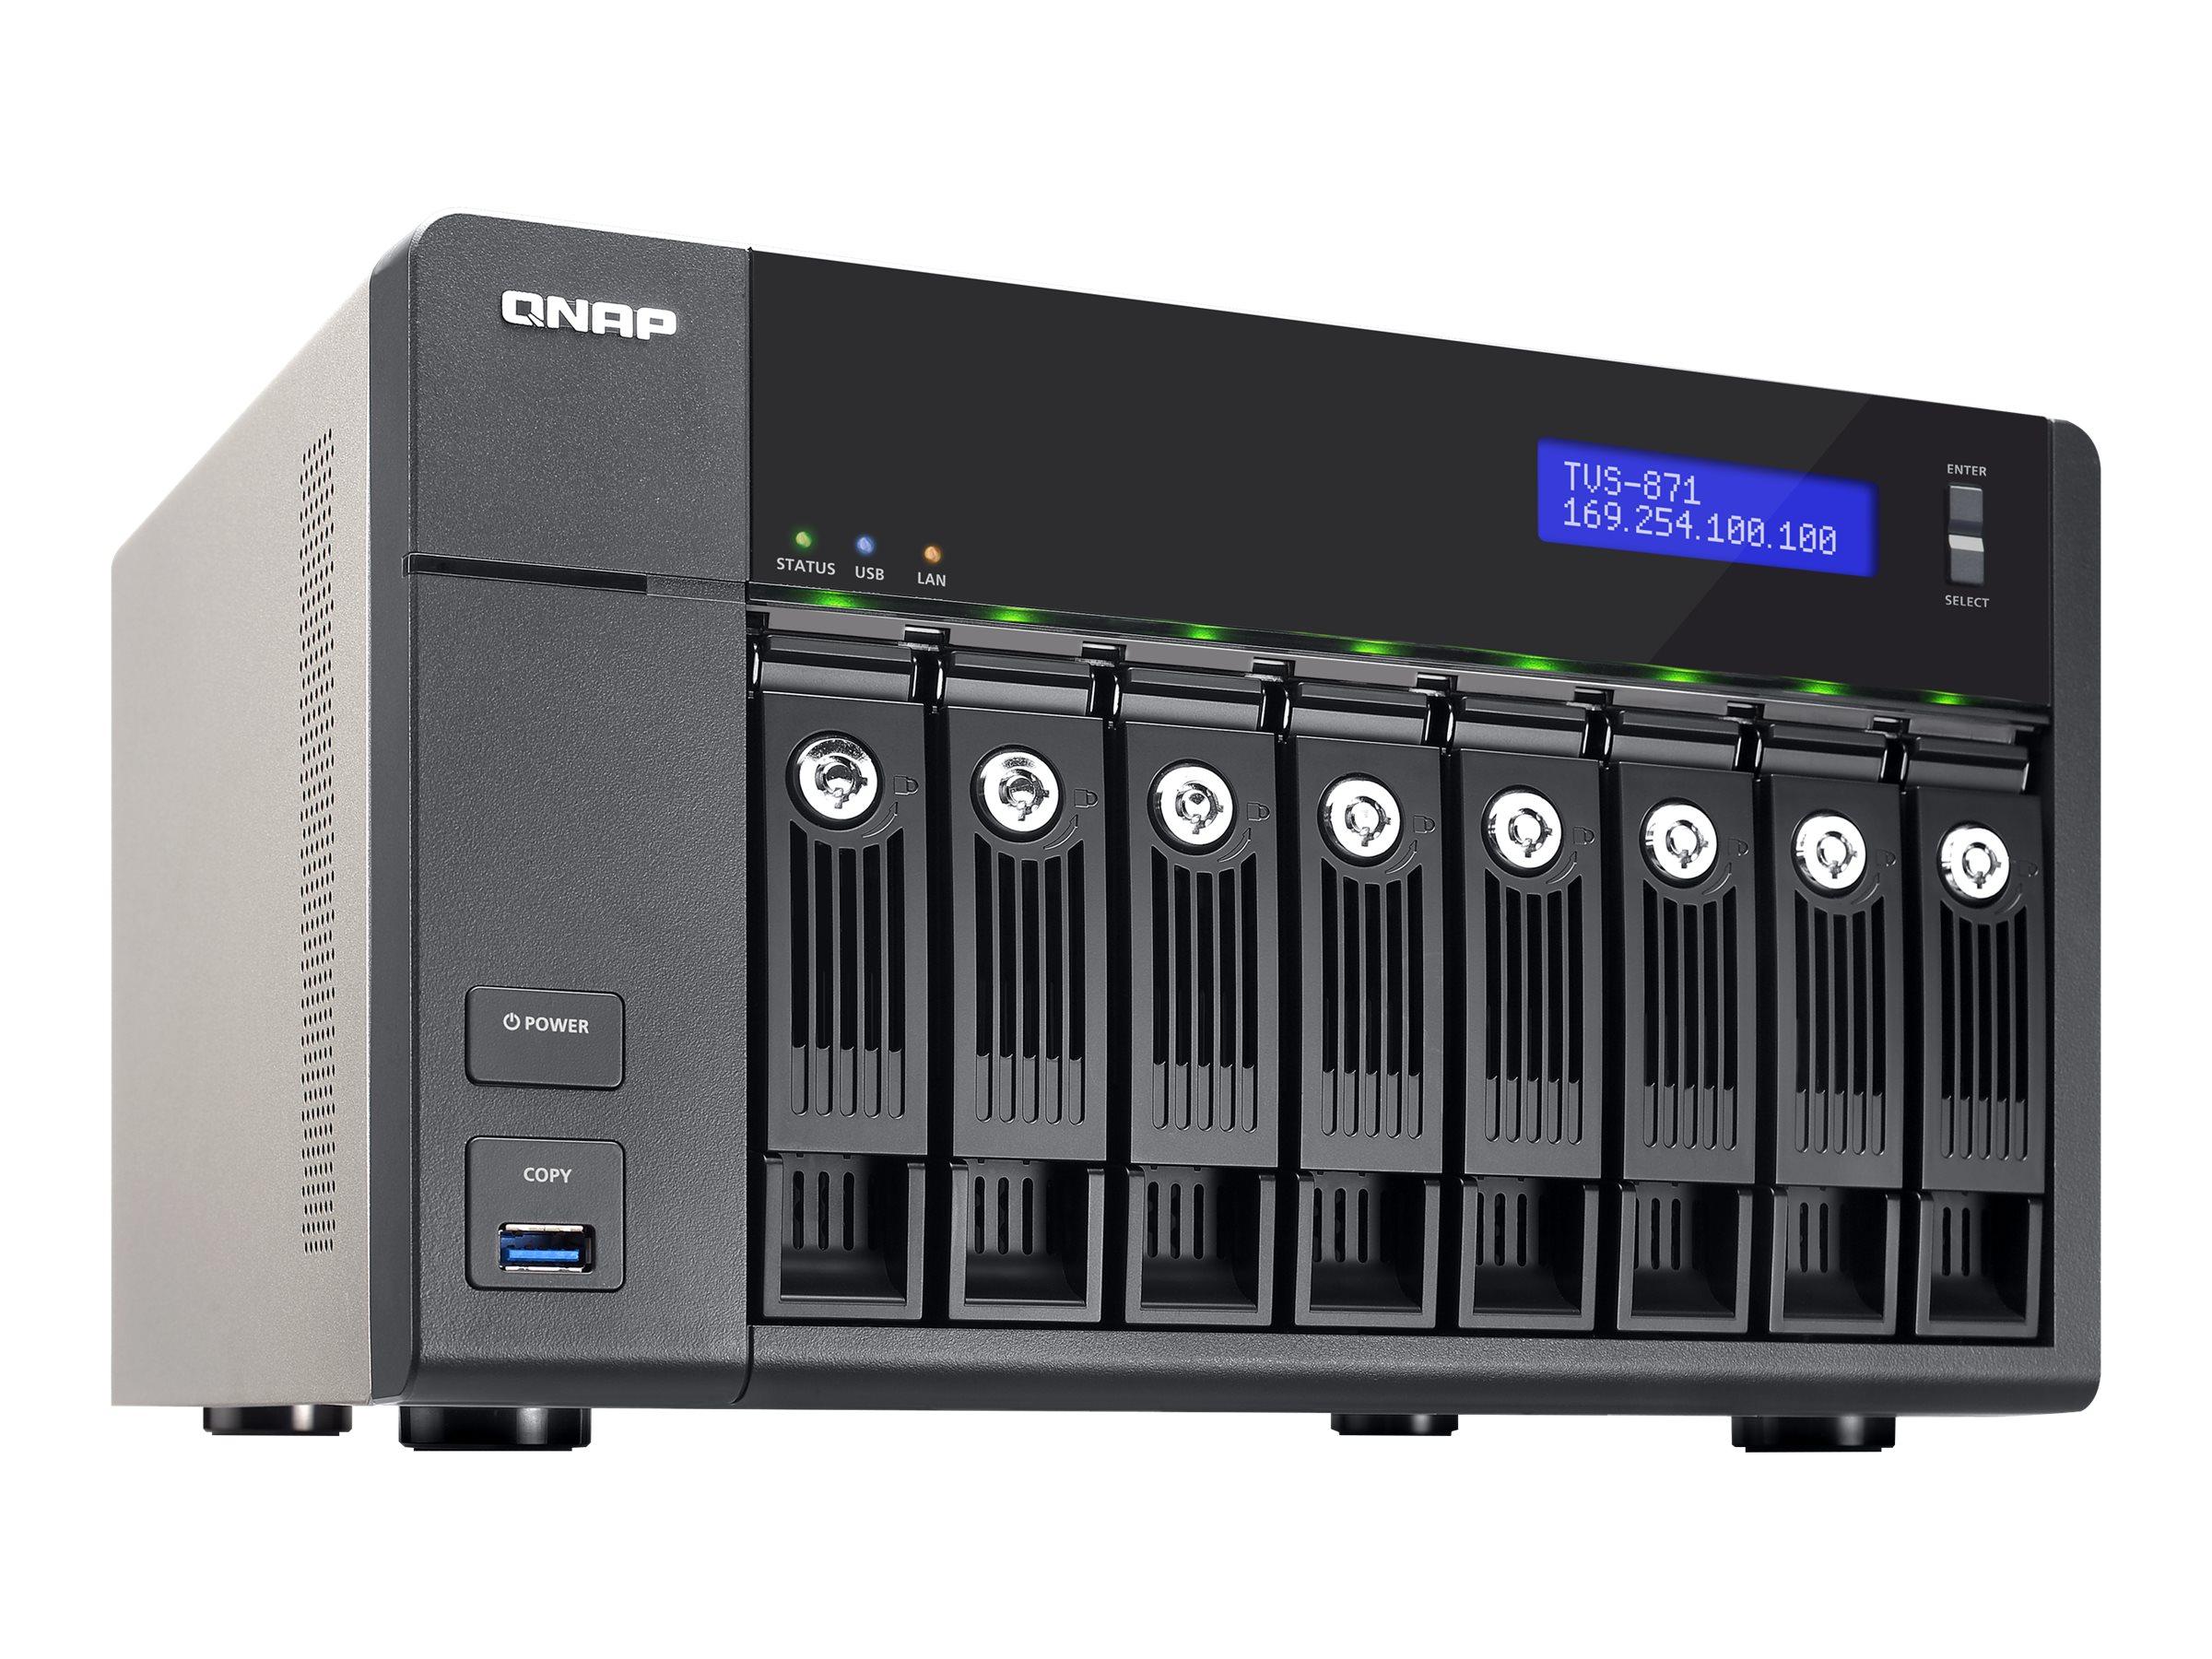 Qnap TVS-871 8-Bay Intel I5 3 0 2C 8GB 4LAN 10GB NAS